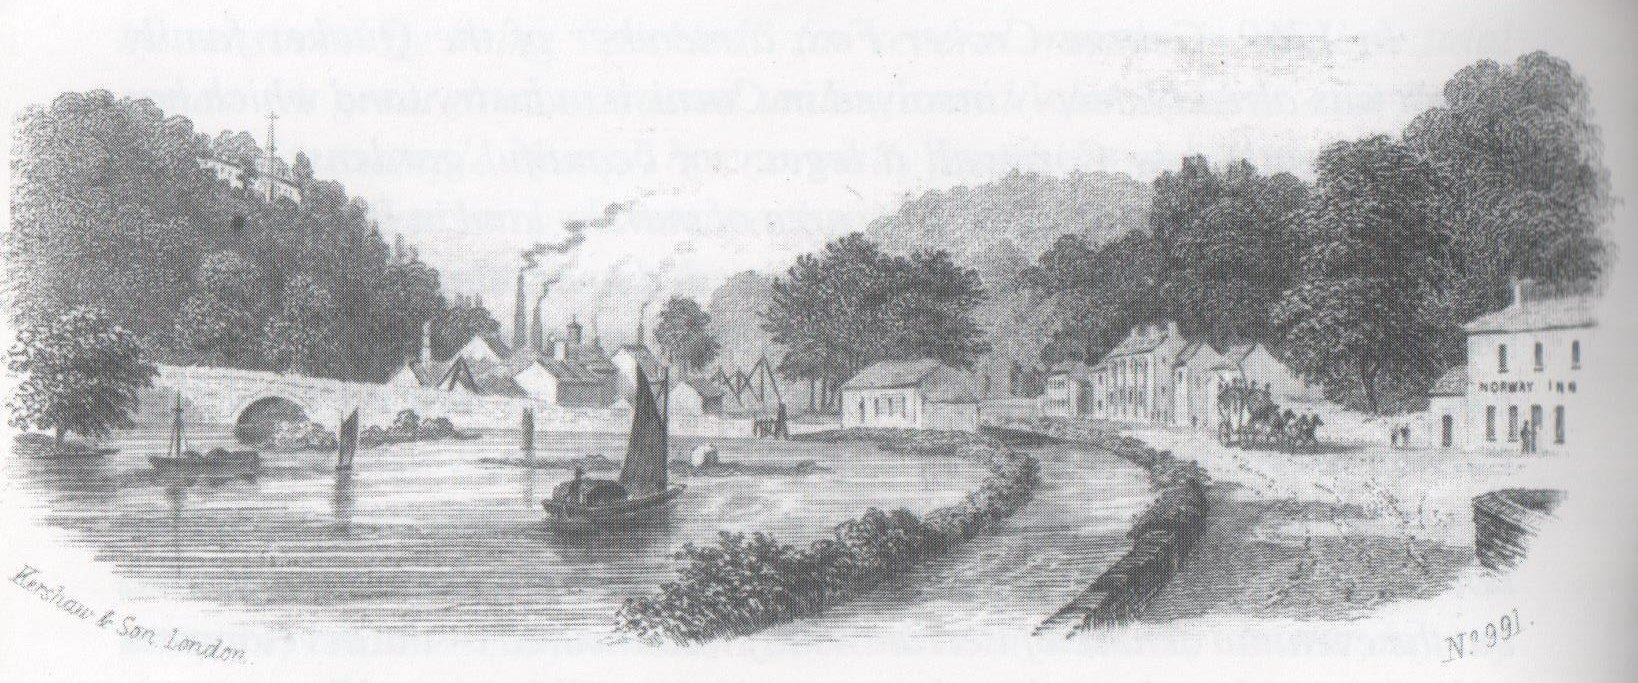 Perran Wharf 1830s